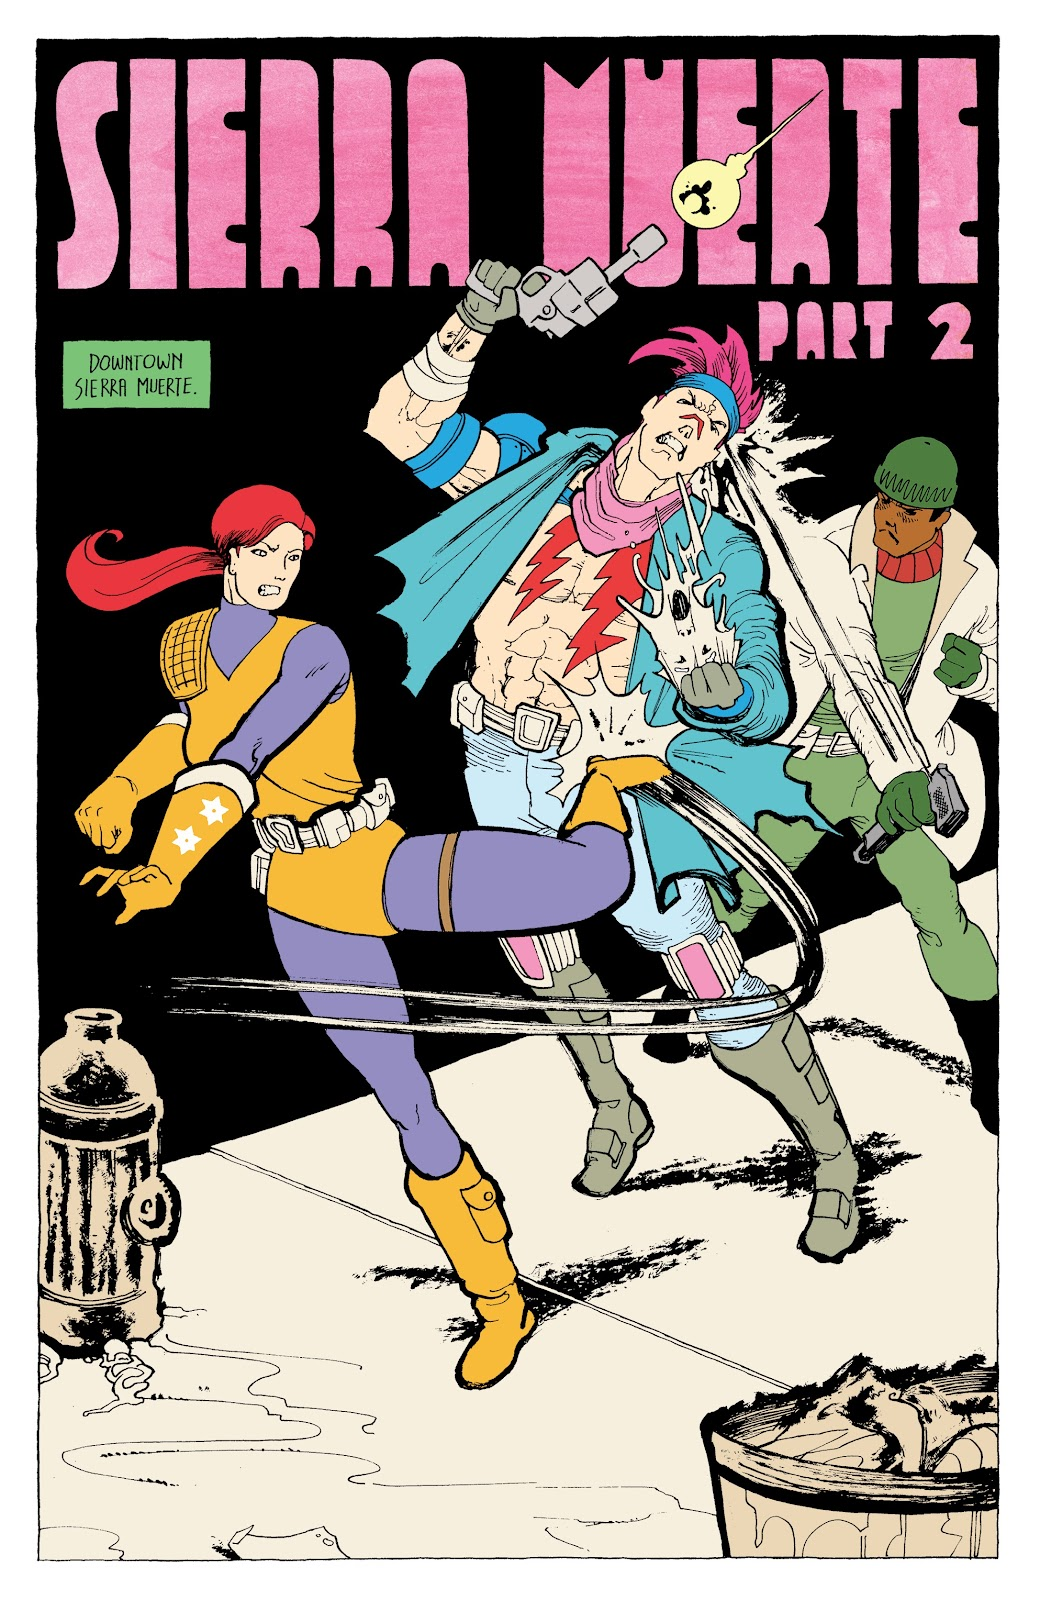 Read online G.I. Joe: Sierra Muerte comic -  Issue #2 - 3